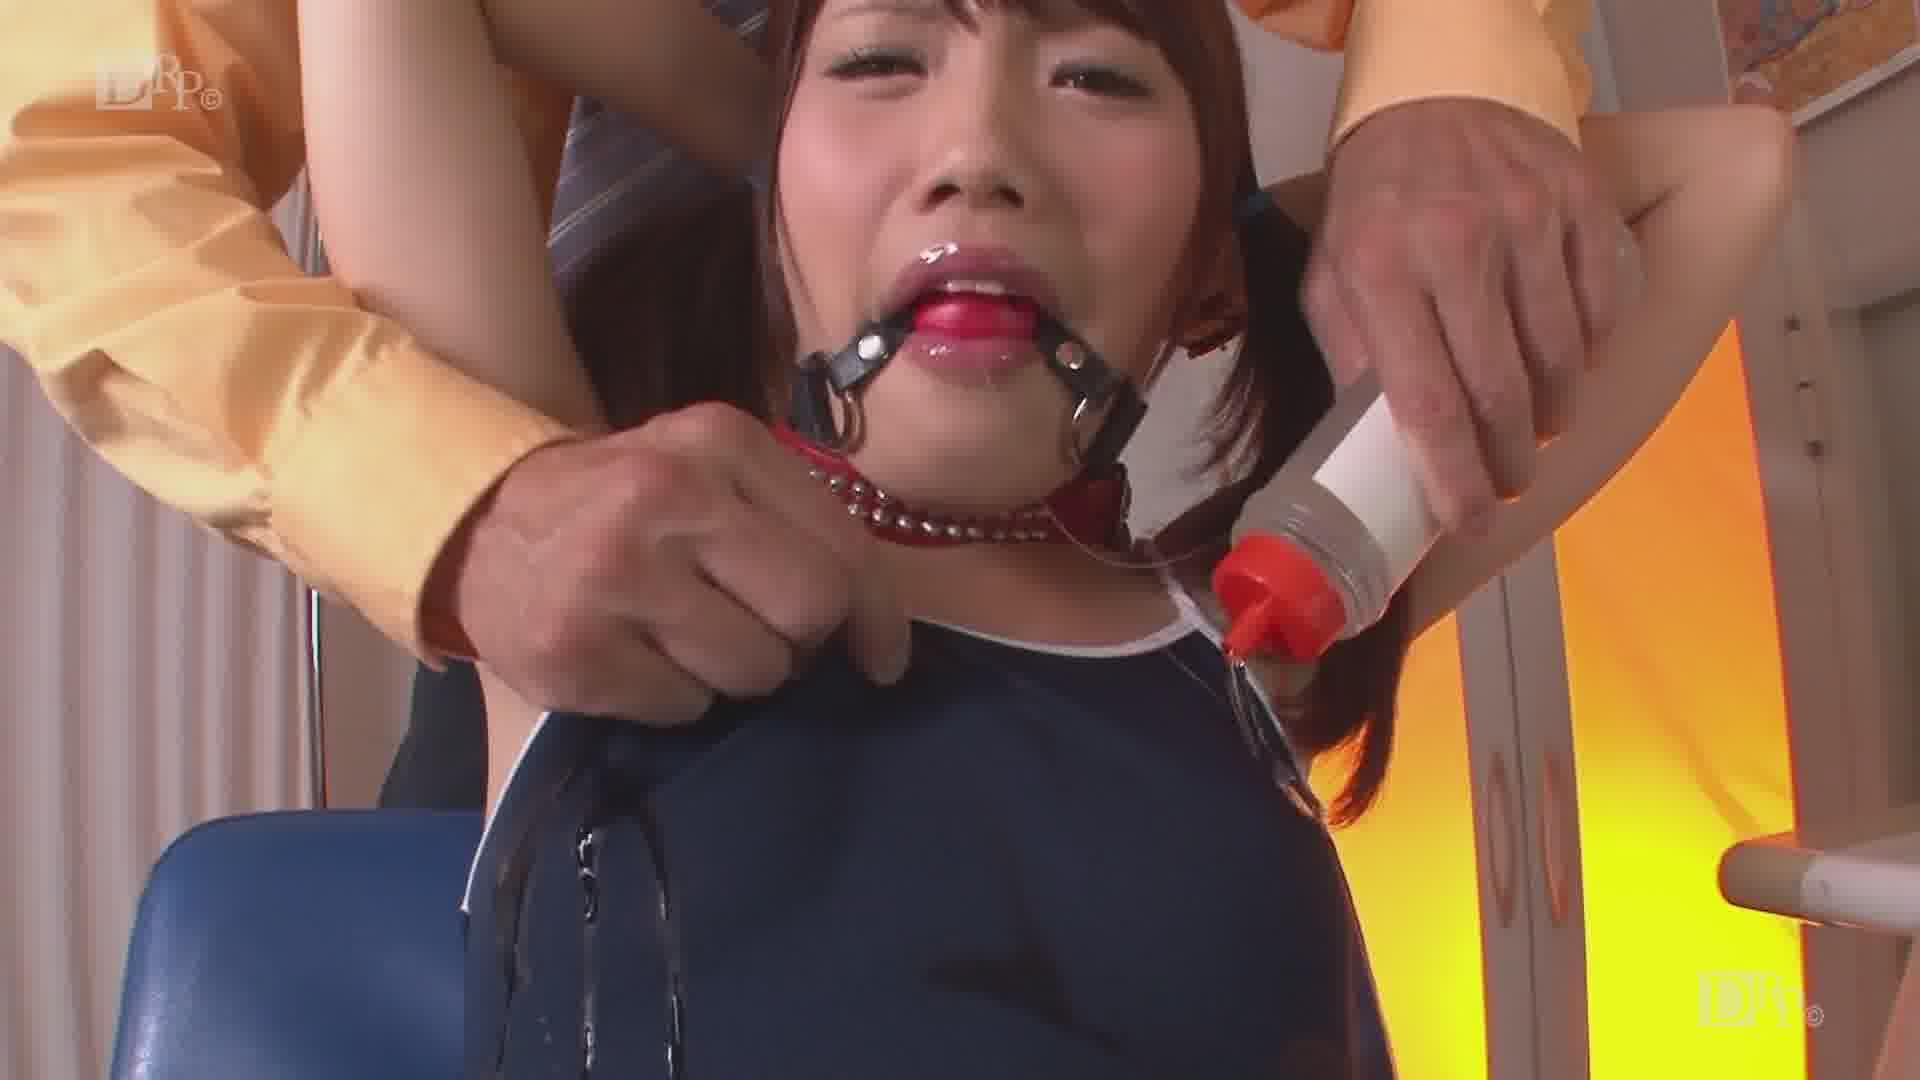 Bカップアンソロジー - 川嶋いろは【乱交・コスプレ・ハード系】